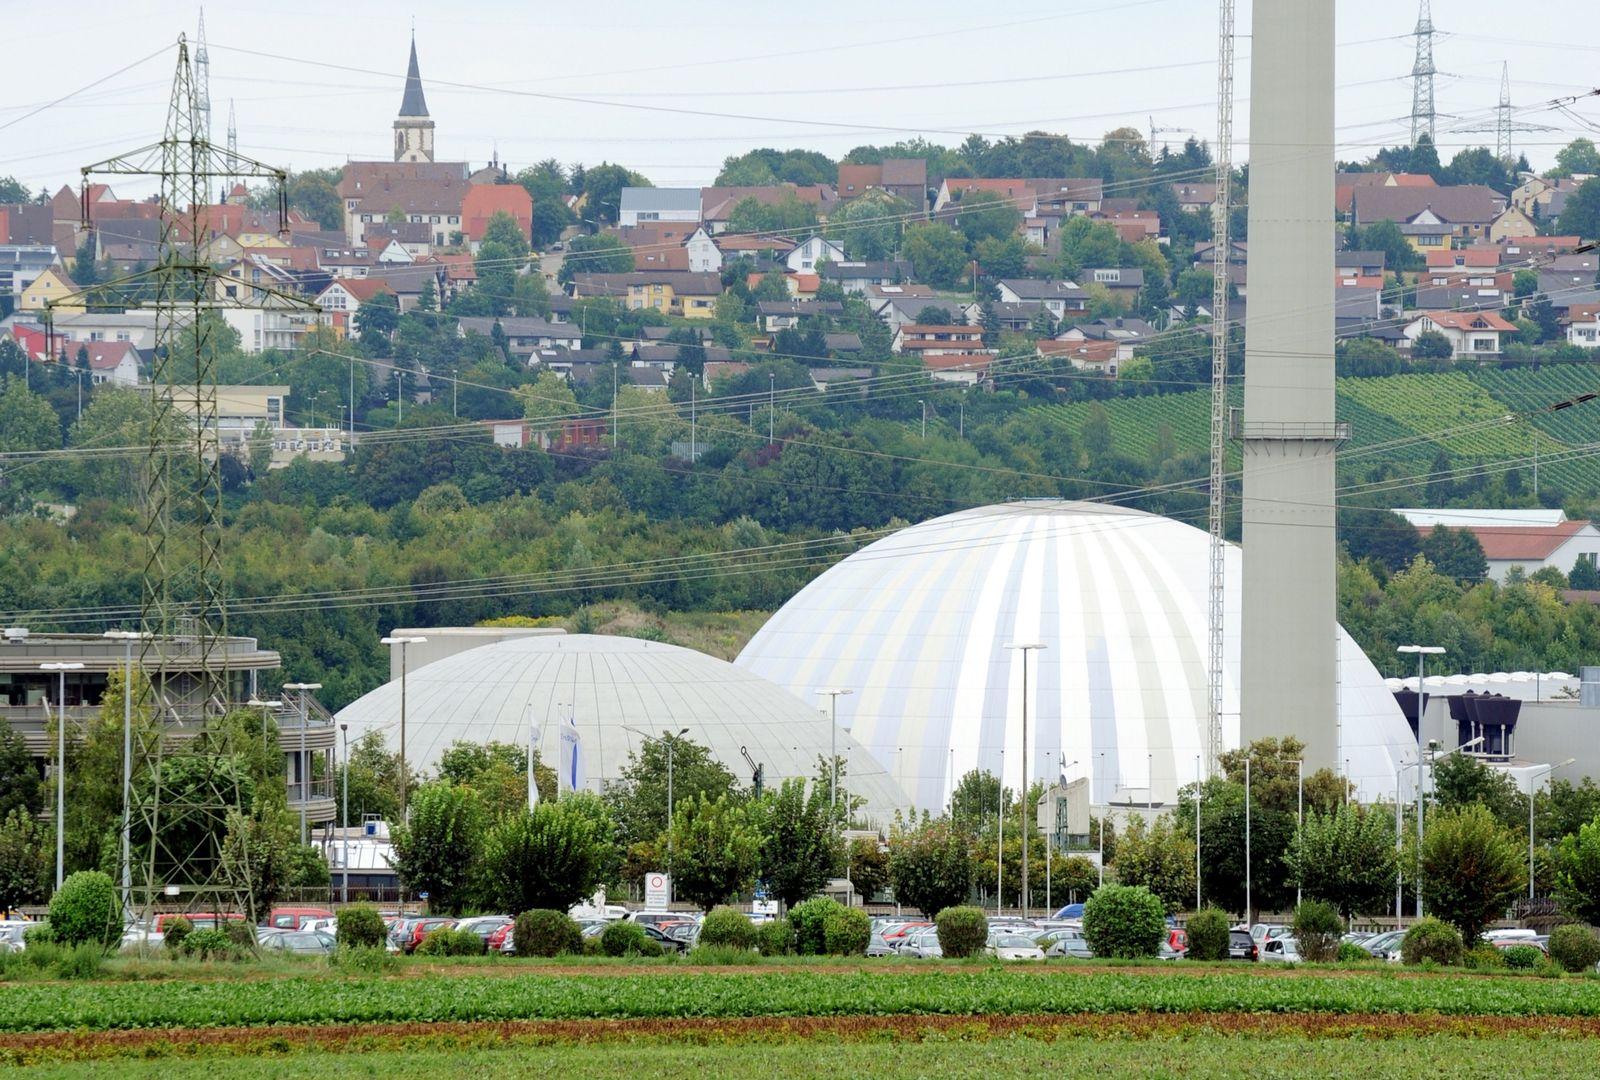 Kernkraftwerk Neckarwestheim